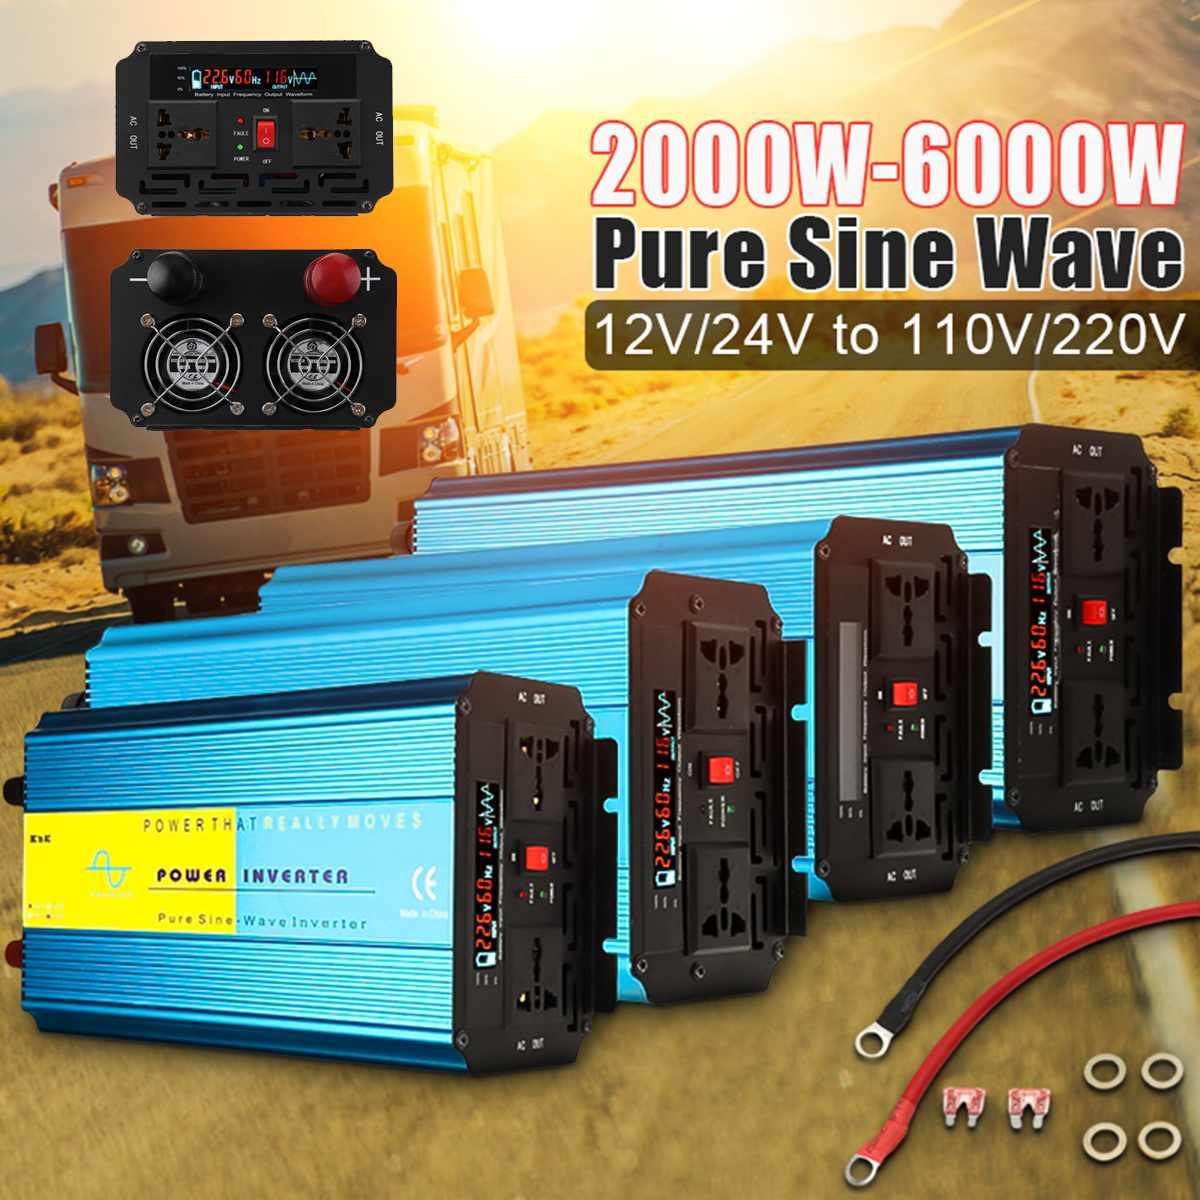 Sinusoïdale Pure Onduleur à Onde 12 V 220 V 6000 W 5000 W 4000 W 3000 W 2000 W Pe ak transformateur Convertisseur 12 V 110 V Onduleur Solaire 60Hz